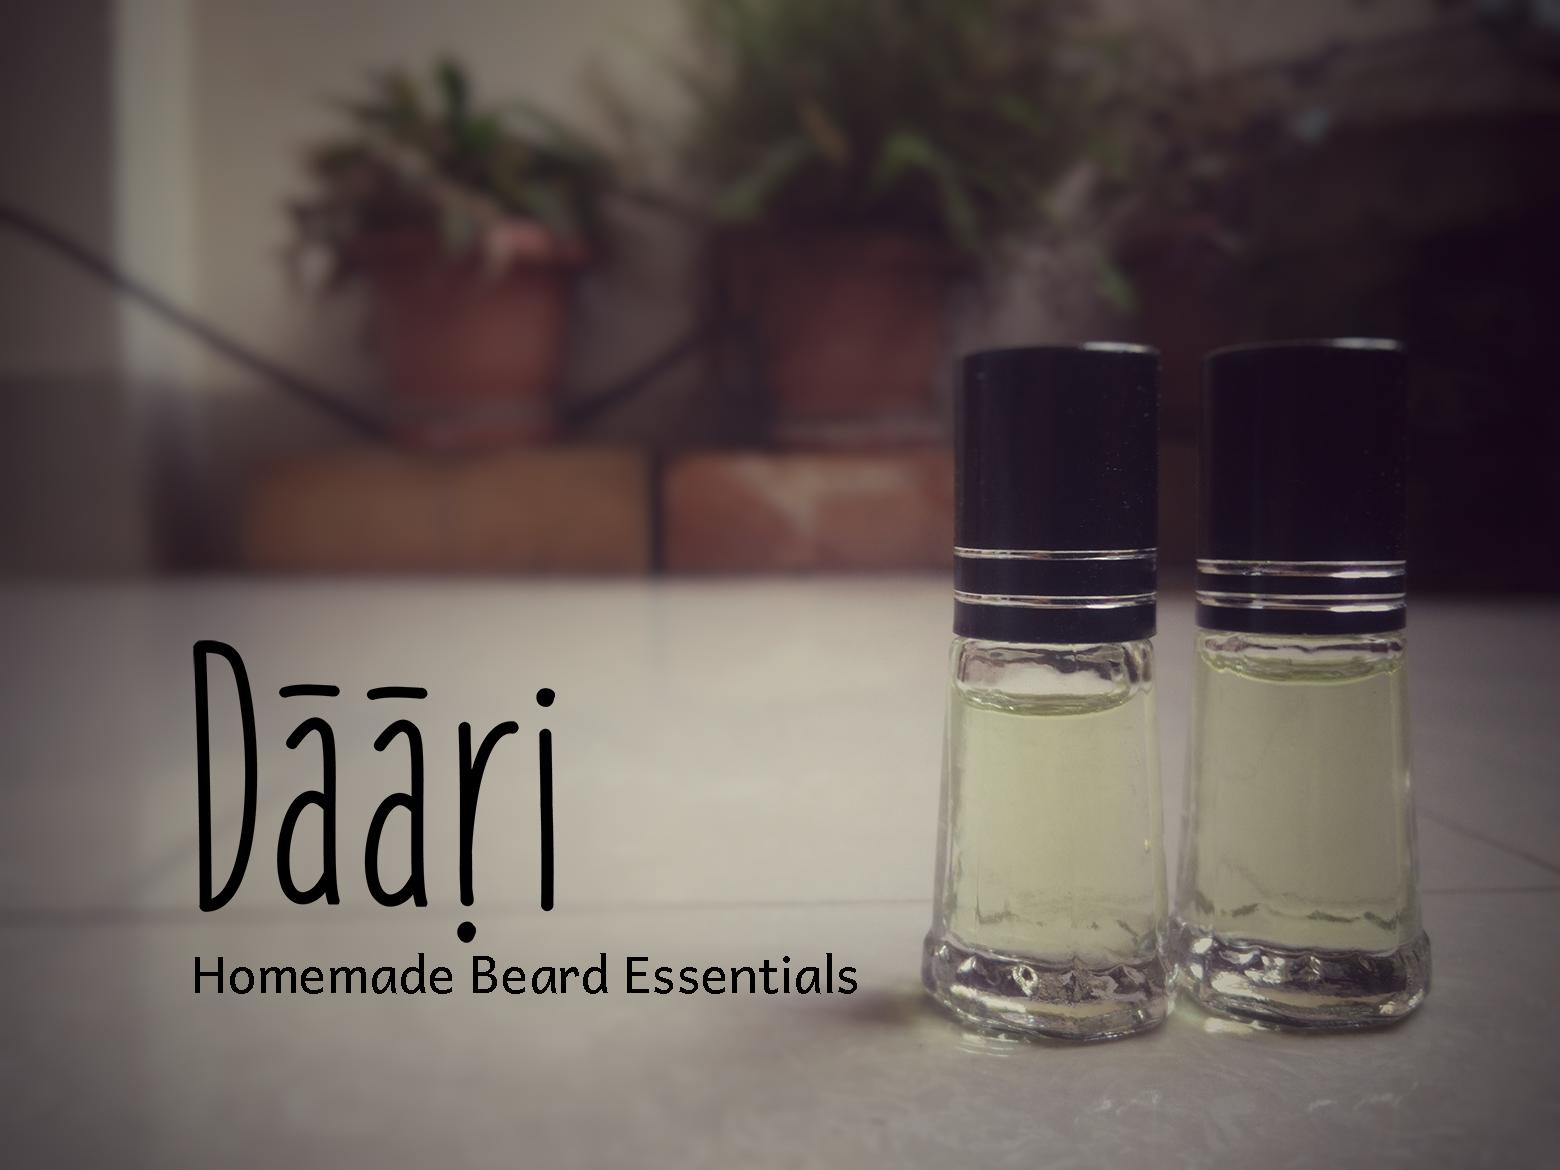 Daari - 'Musky Mint' Beard Oil